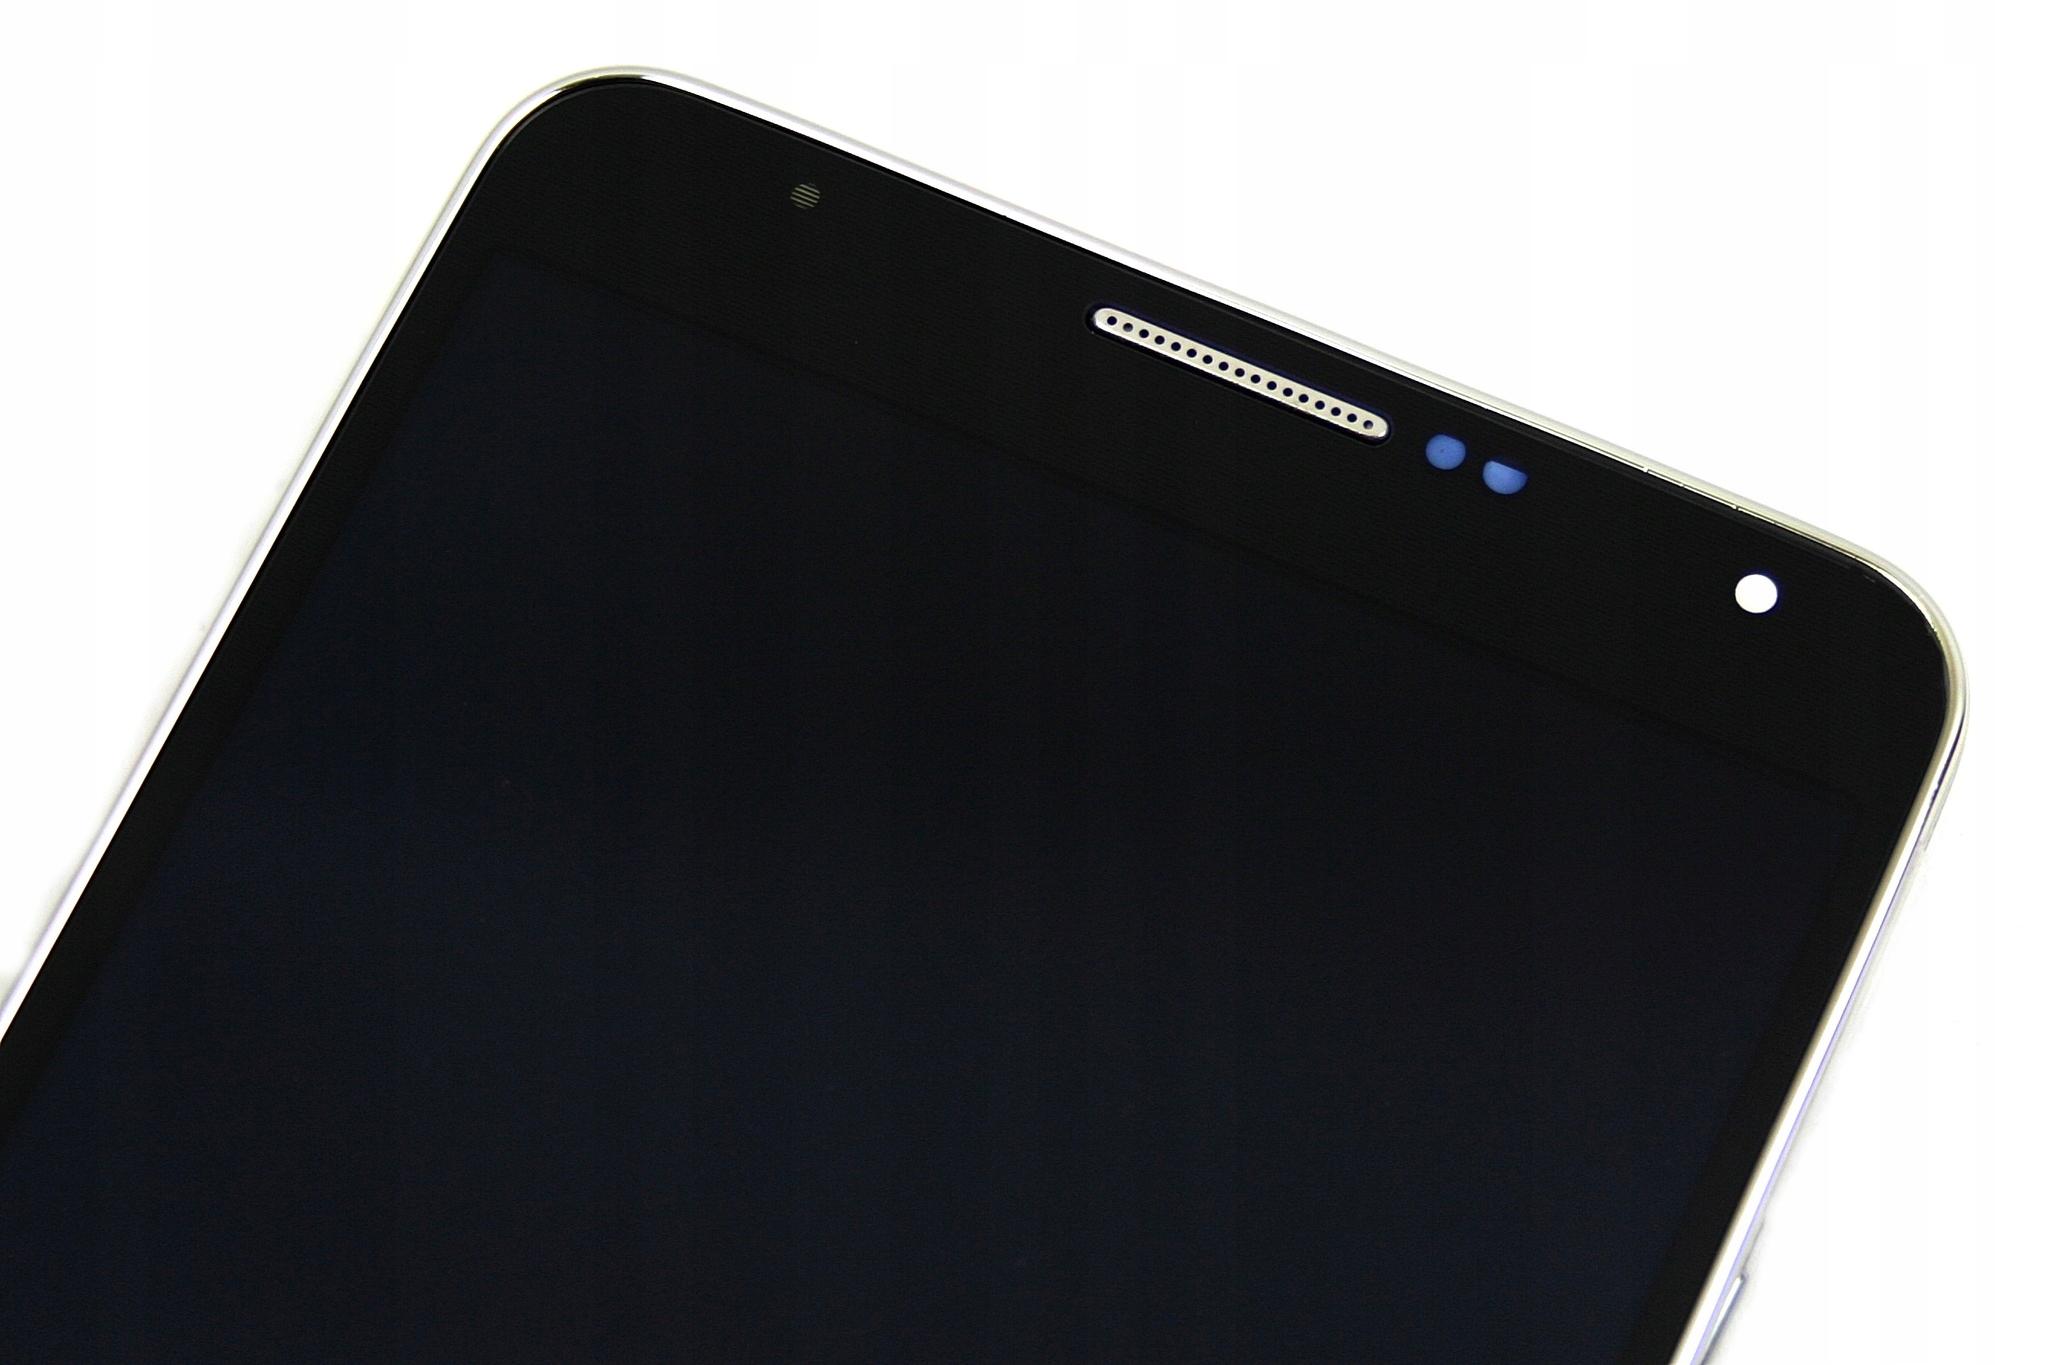 DOTYK WYŚWIETLACZ SAMSUNG NOTE 3 N9005 RAMKĄ Z